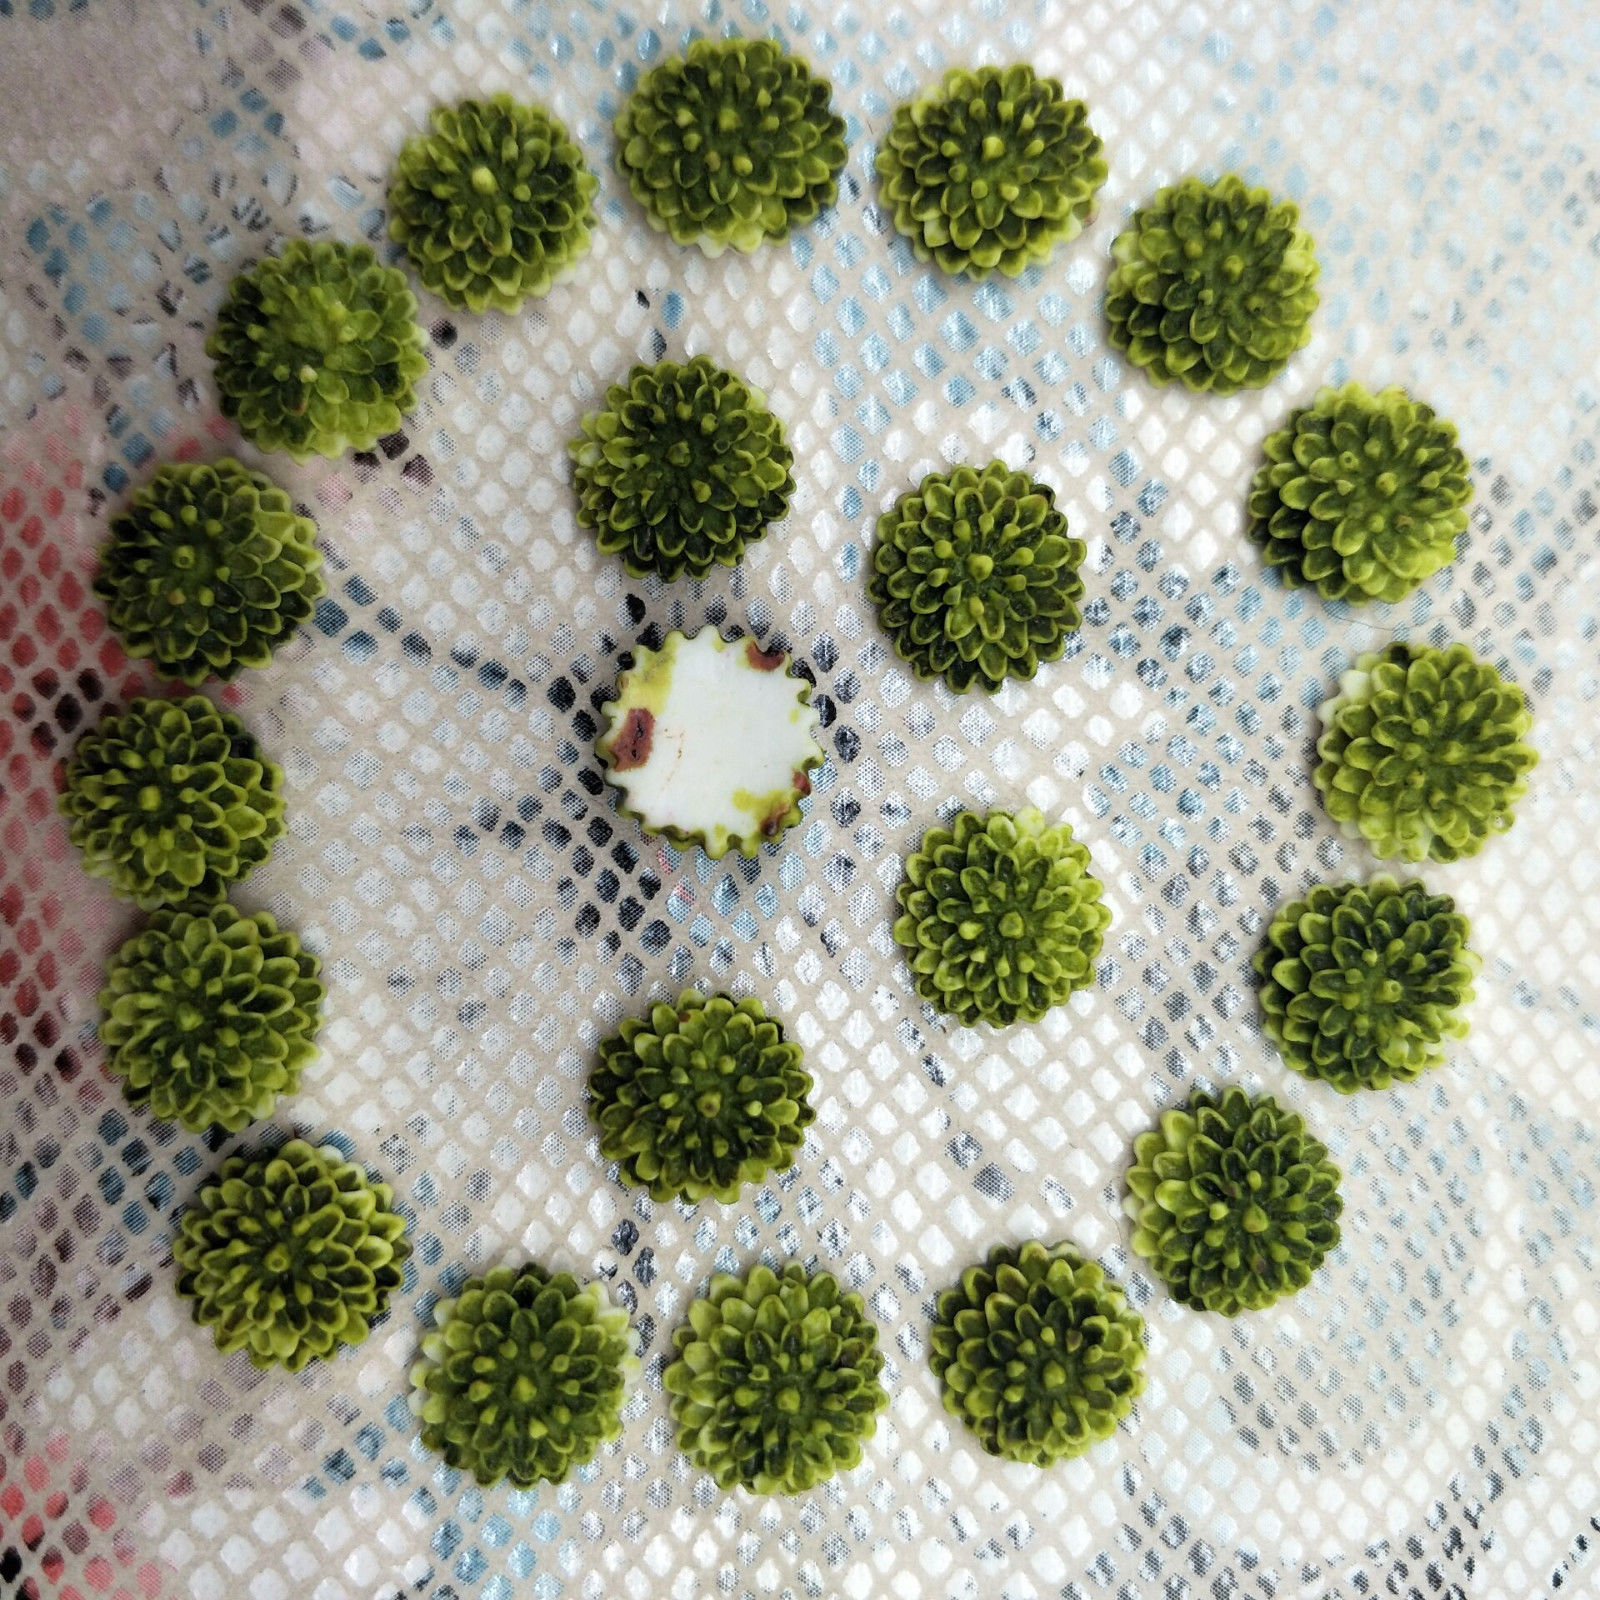 פרחים לעבודות יד להדבקה גווני ירוק זית 20 יחידות